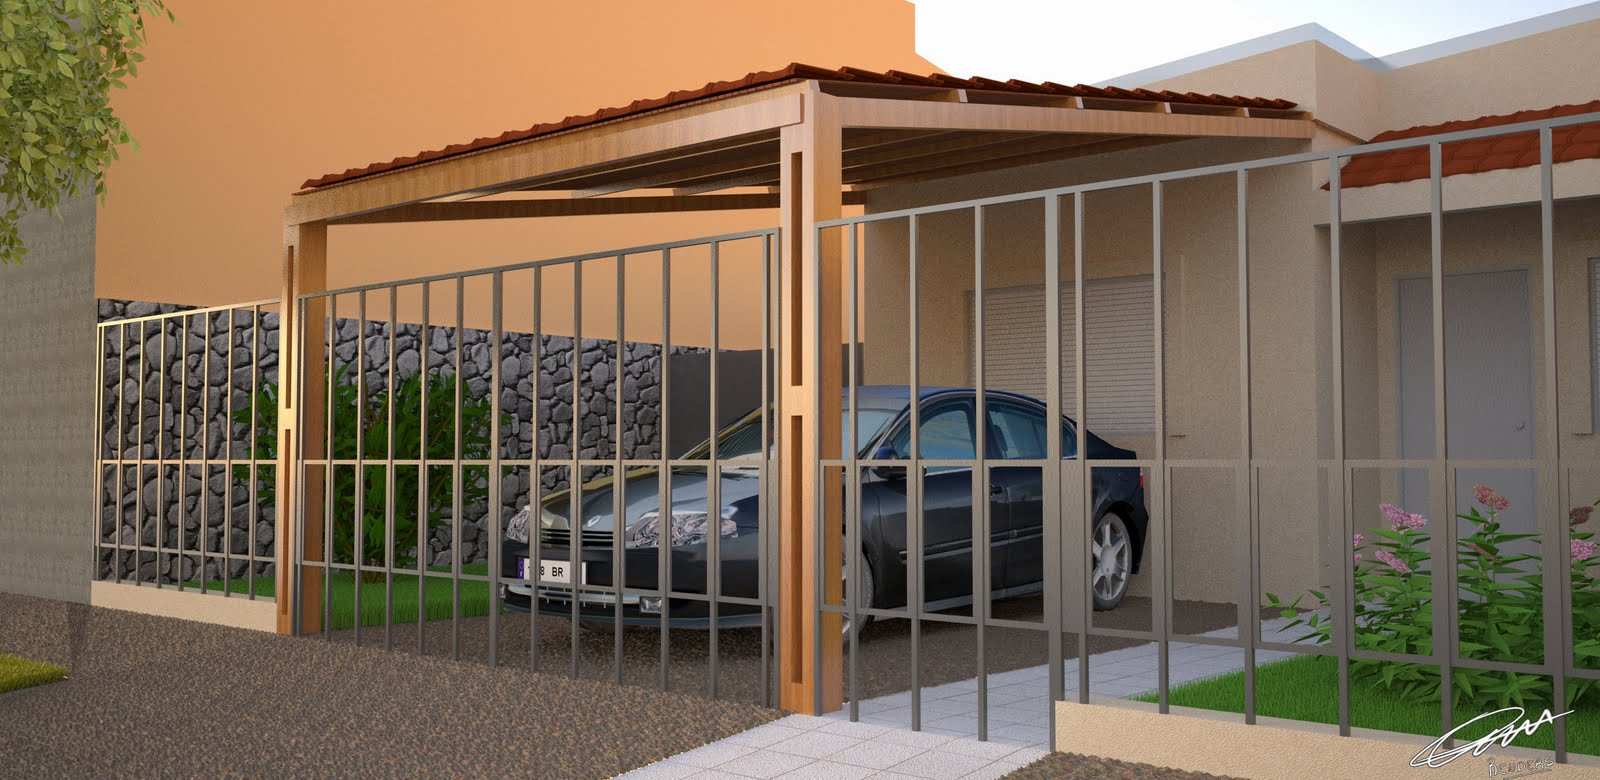 Chispas creativas garage abierto de madera y cubierta de teja - Garage de madera ...